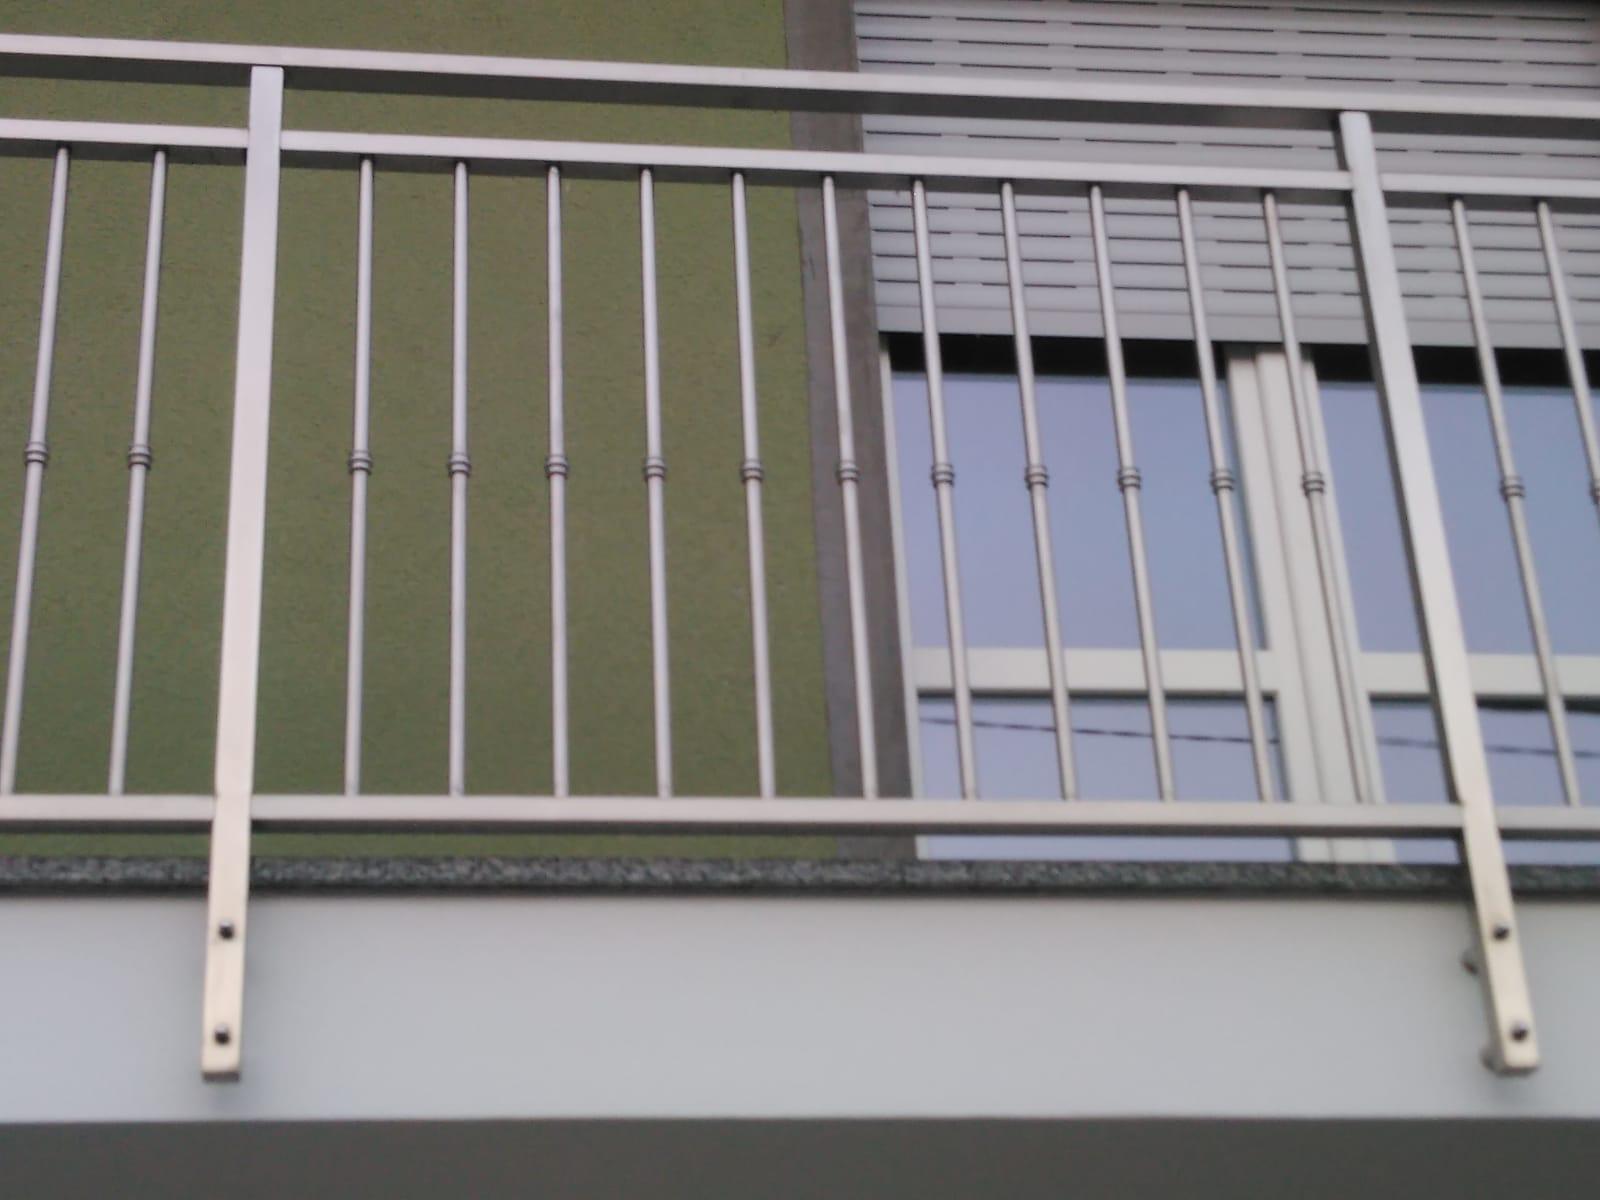 Finestre per balconi pellicola per finestre adesivi per finestre bagno bagno elettricit statica - Oscurare vetro porta ...